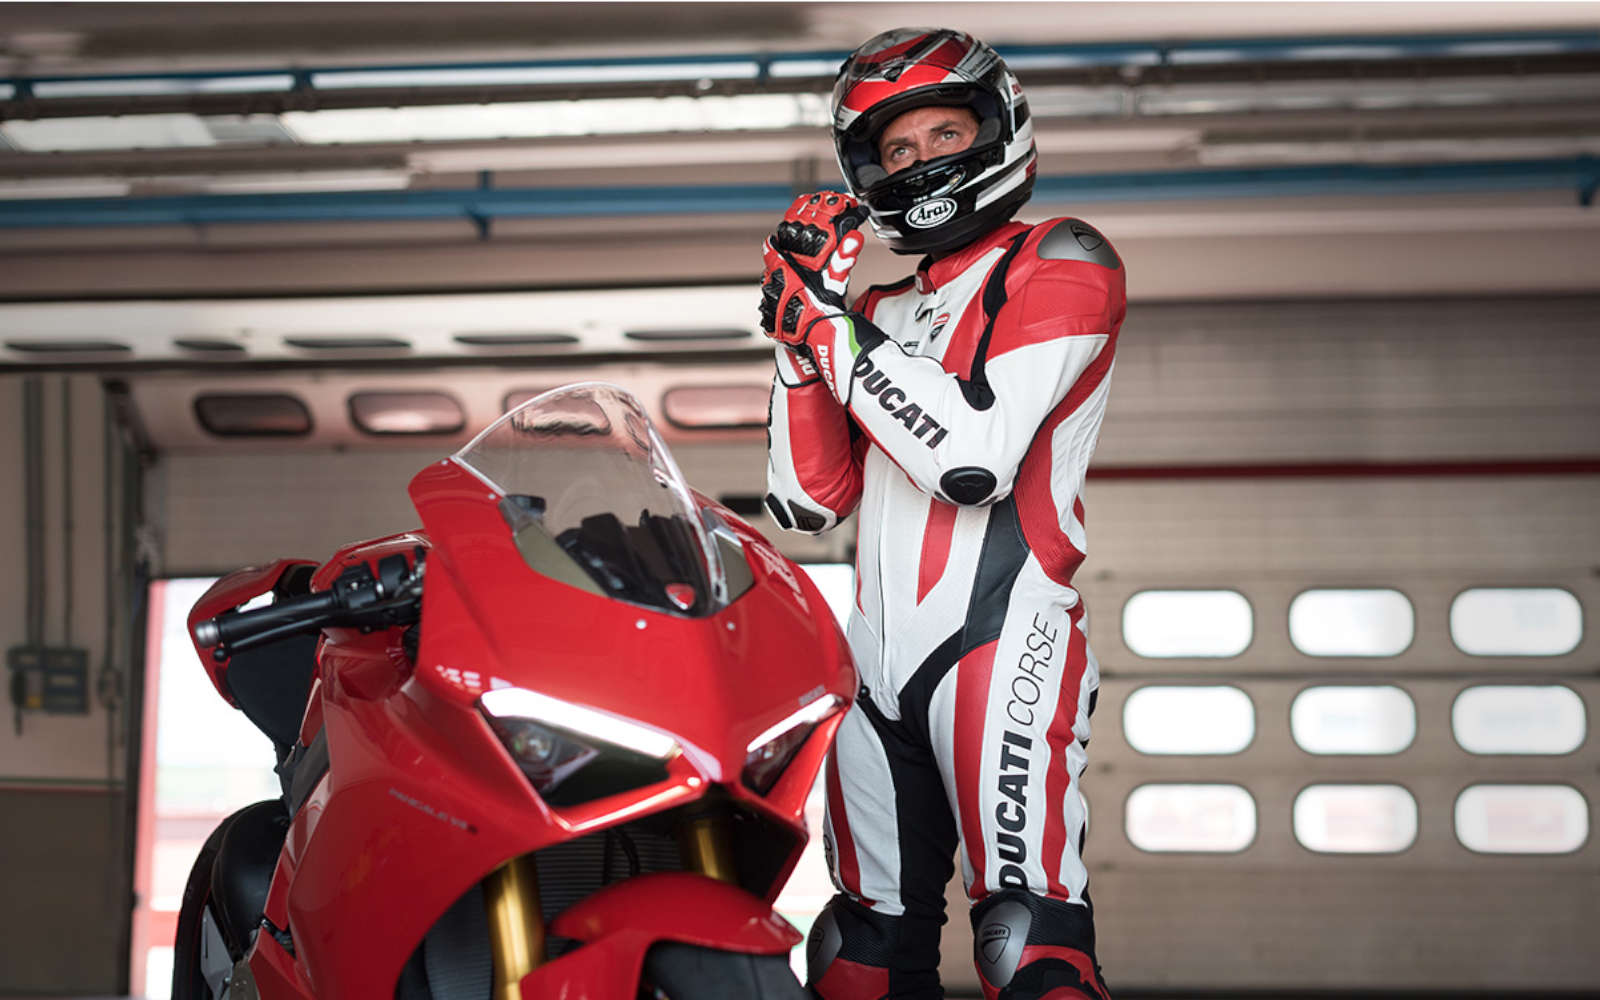 Bei der Ducati Sommer Aktion schenken wir Ihnen vom 01.06.2019 bis 31.08.2019 Extra-Bekleidung oder Zubehör je nach Modell.